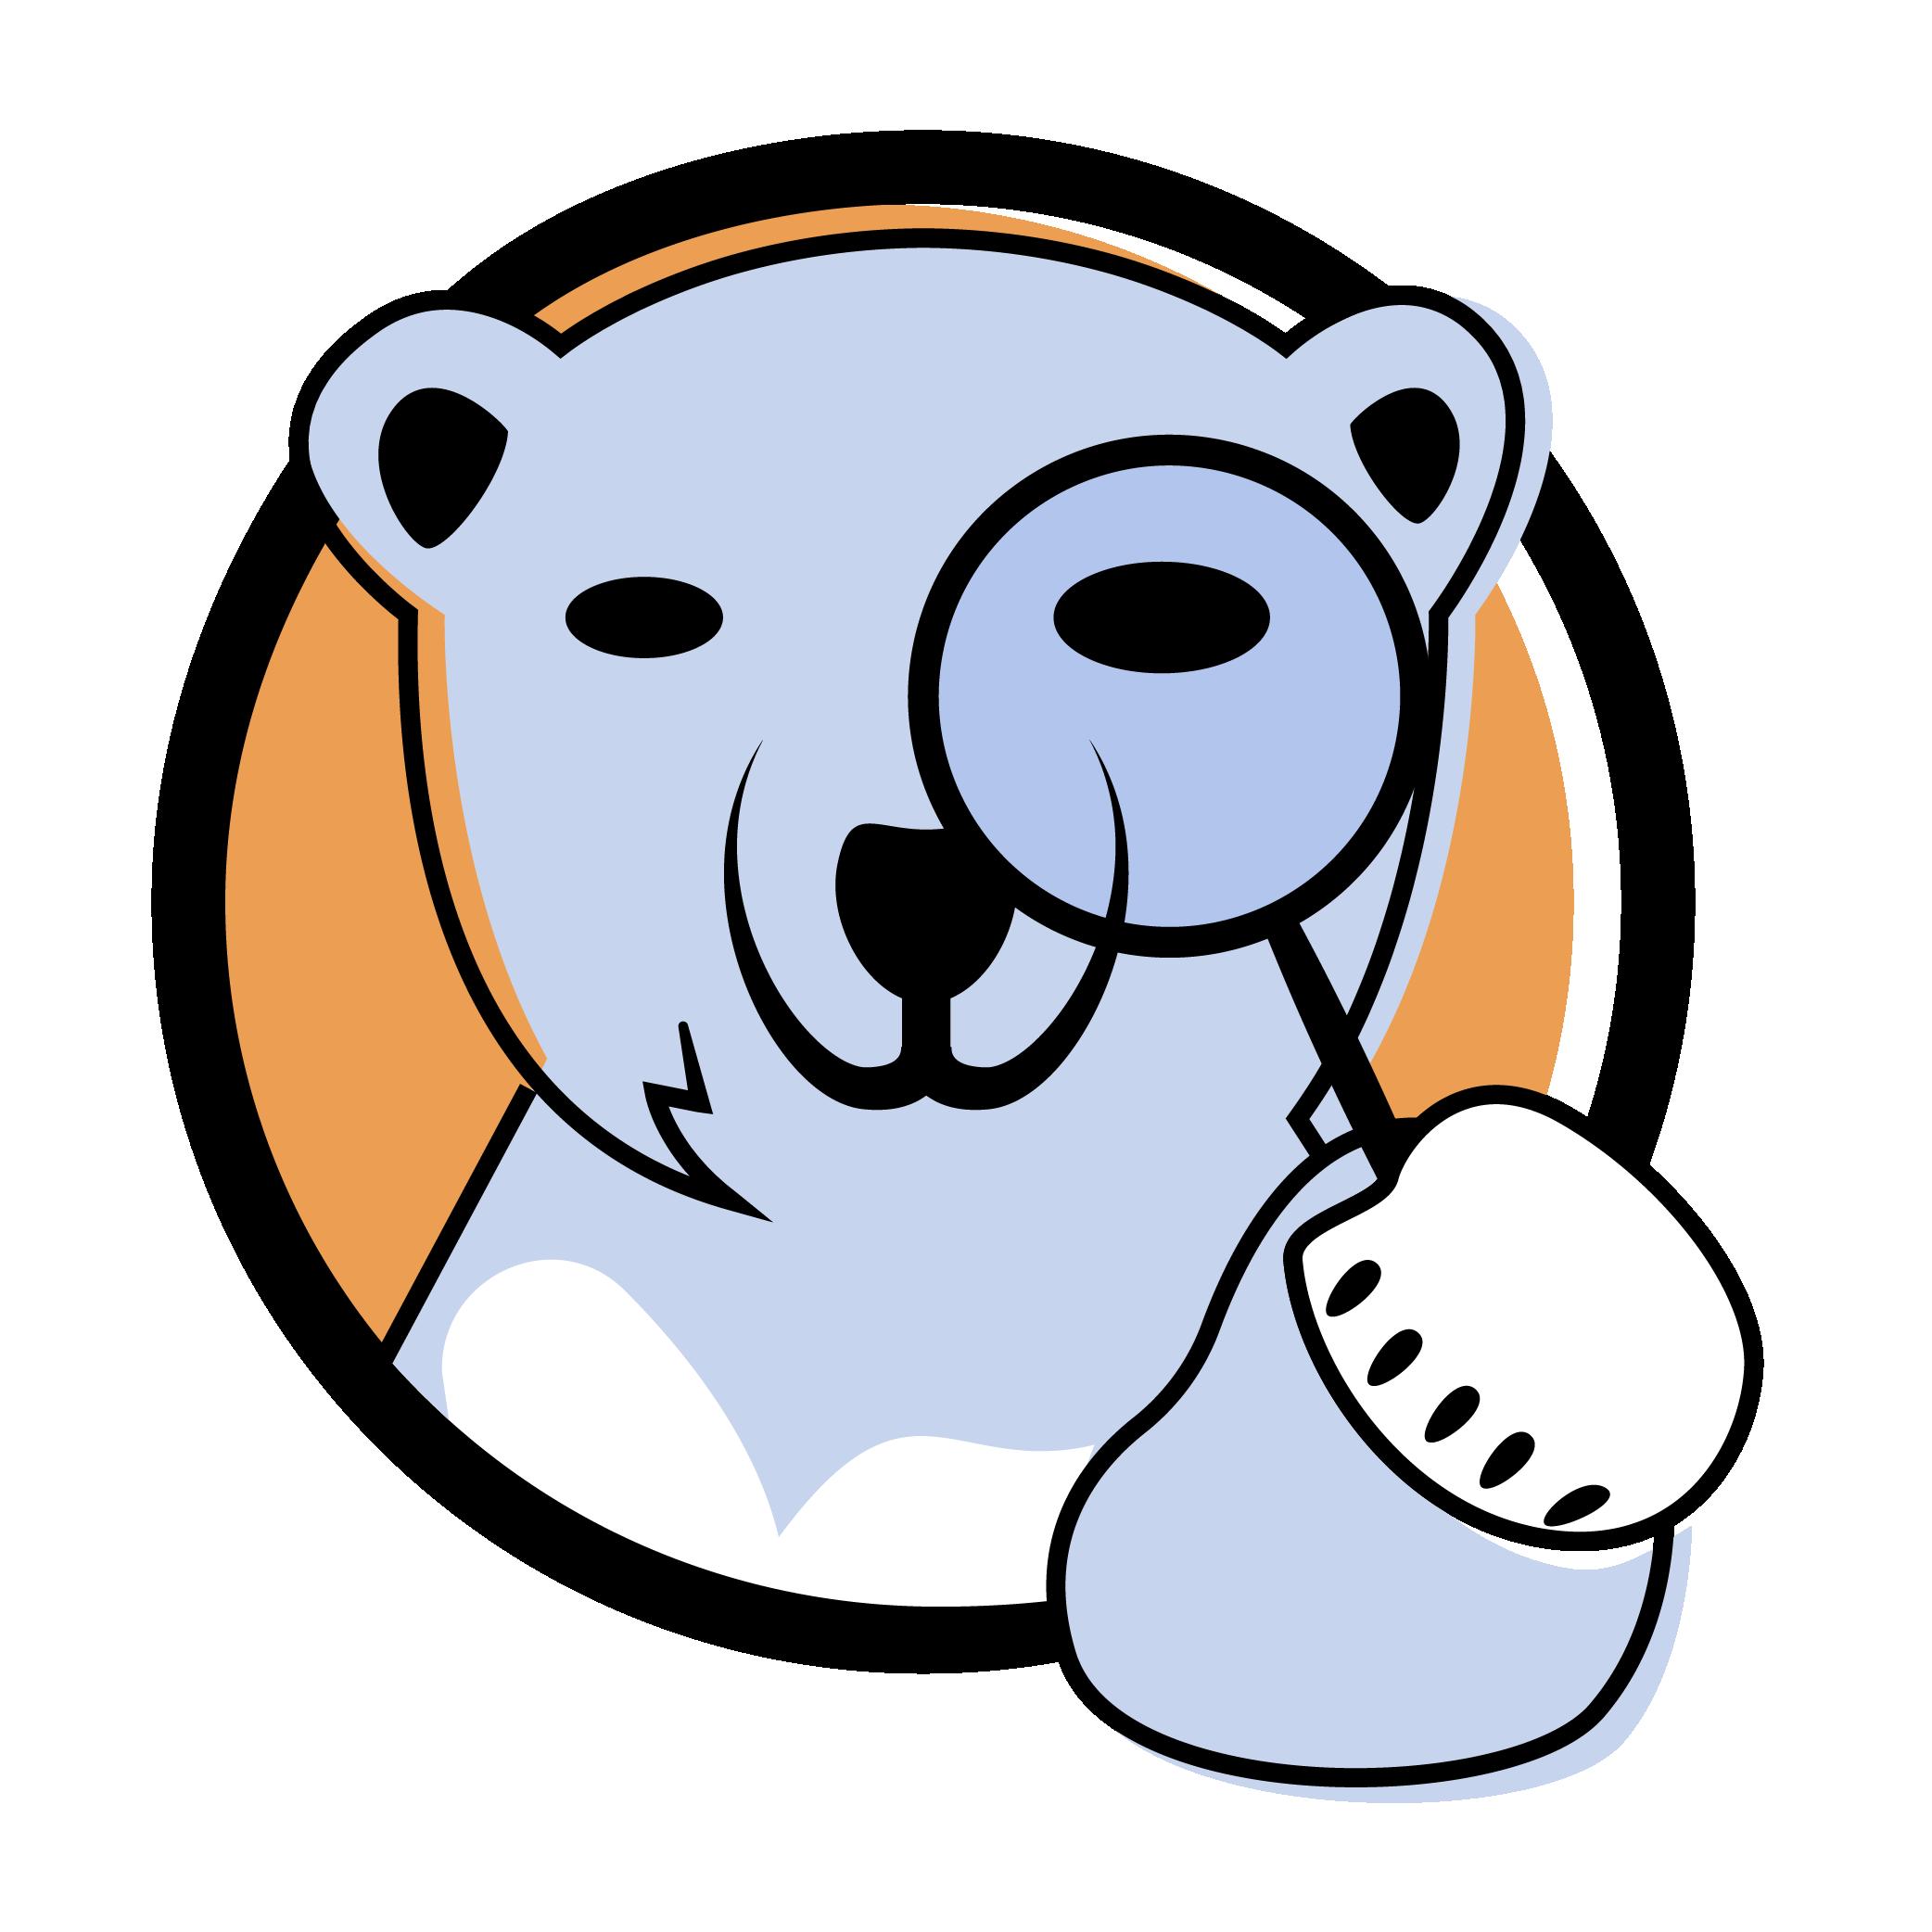 TargetBear logo